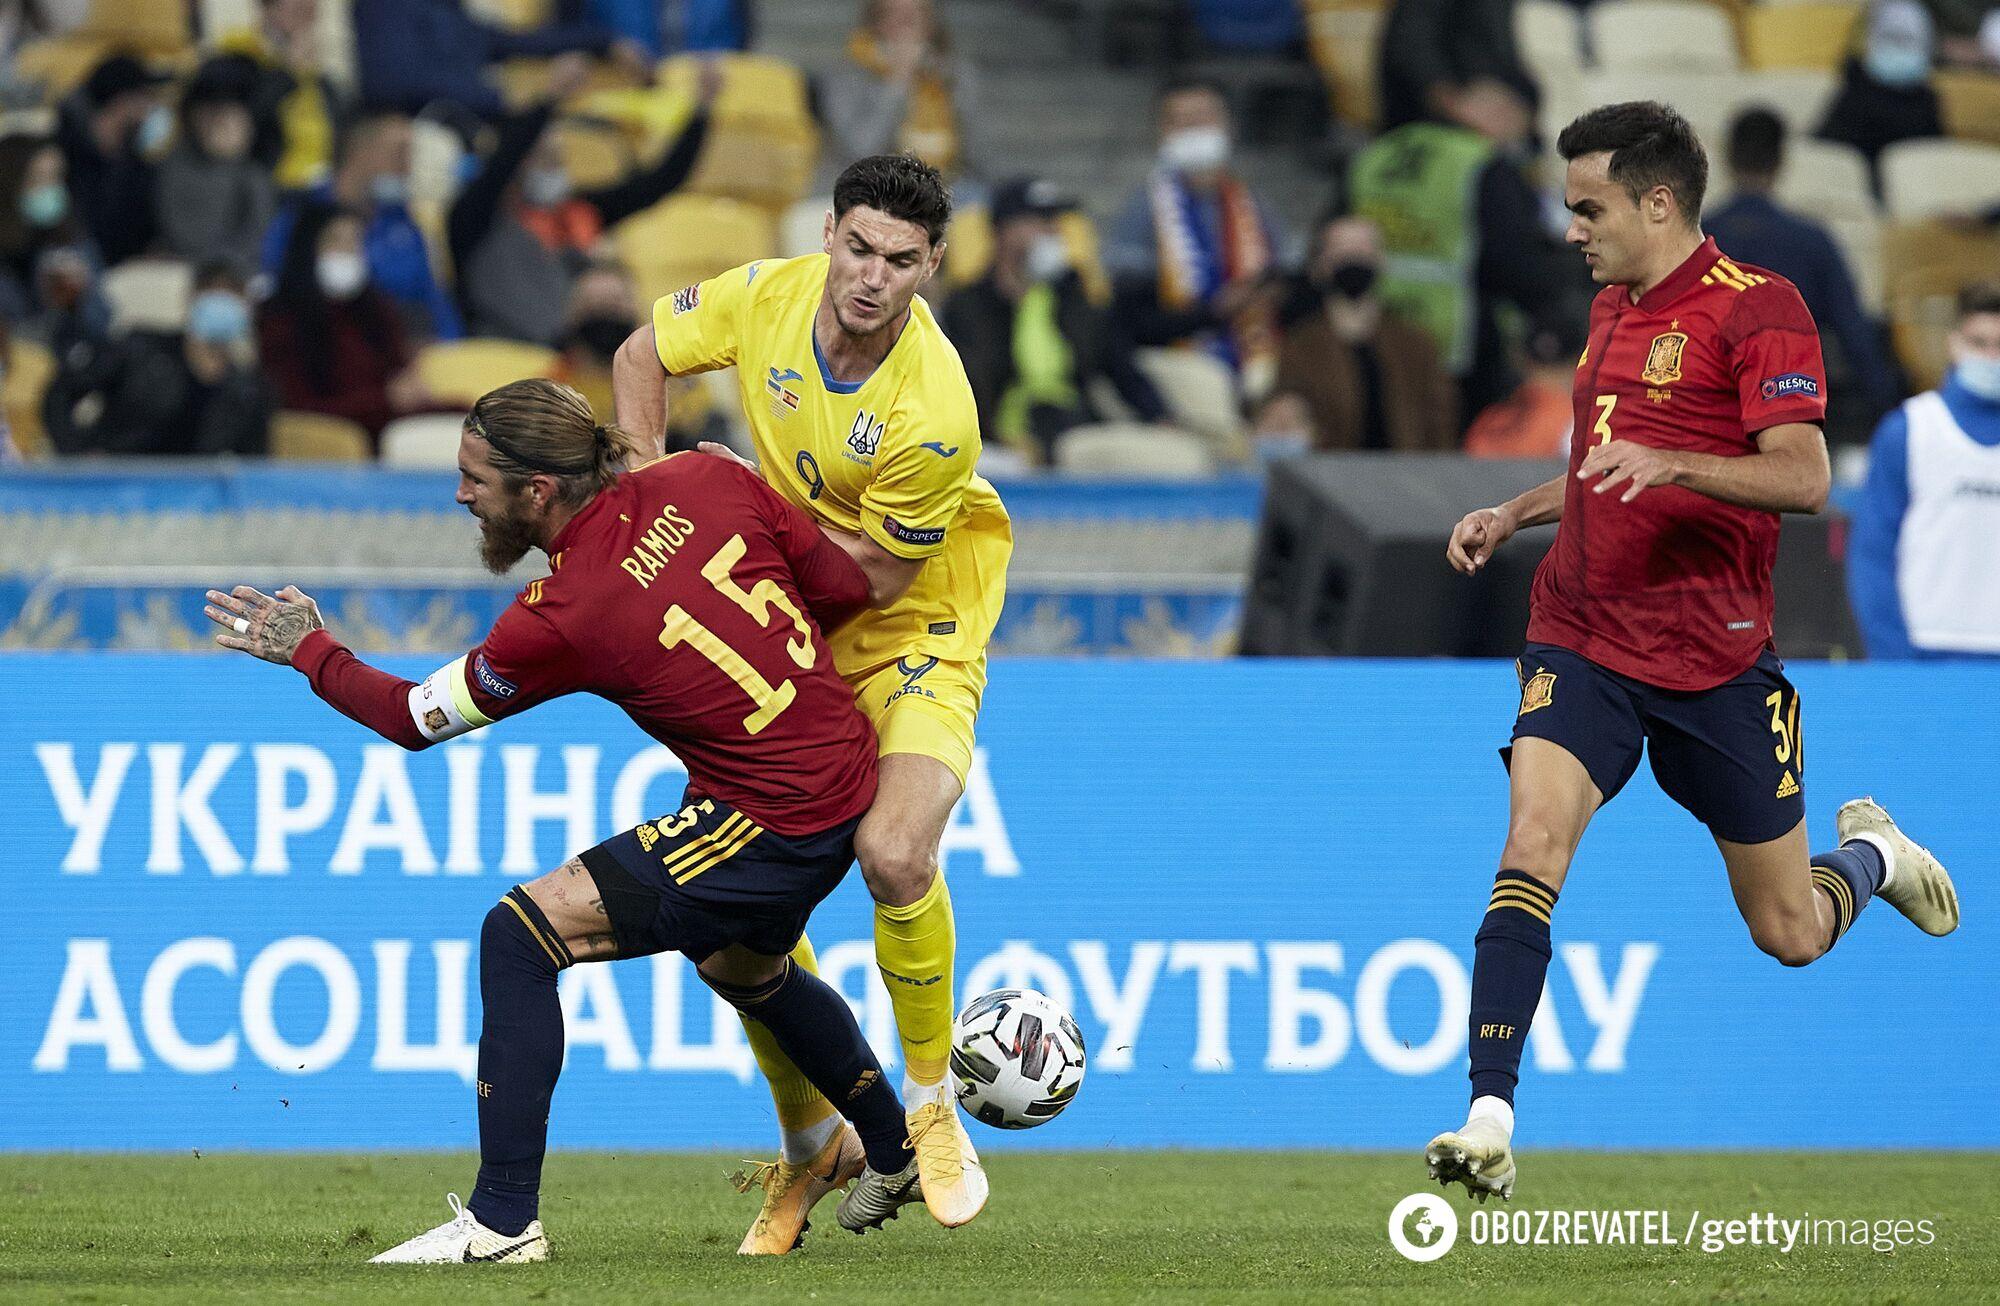 Уперше в історії: Україна сенсаційно обіграла Іспанію в Лізі націй